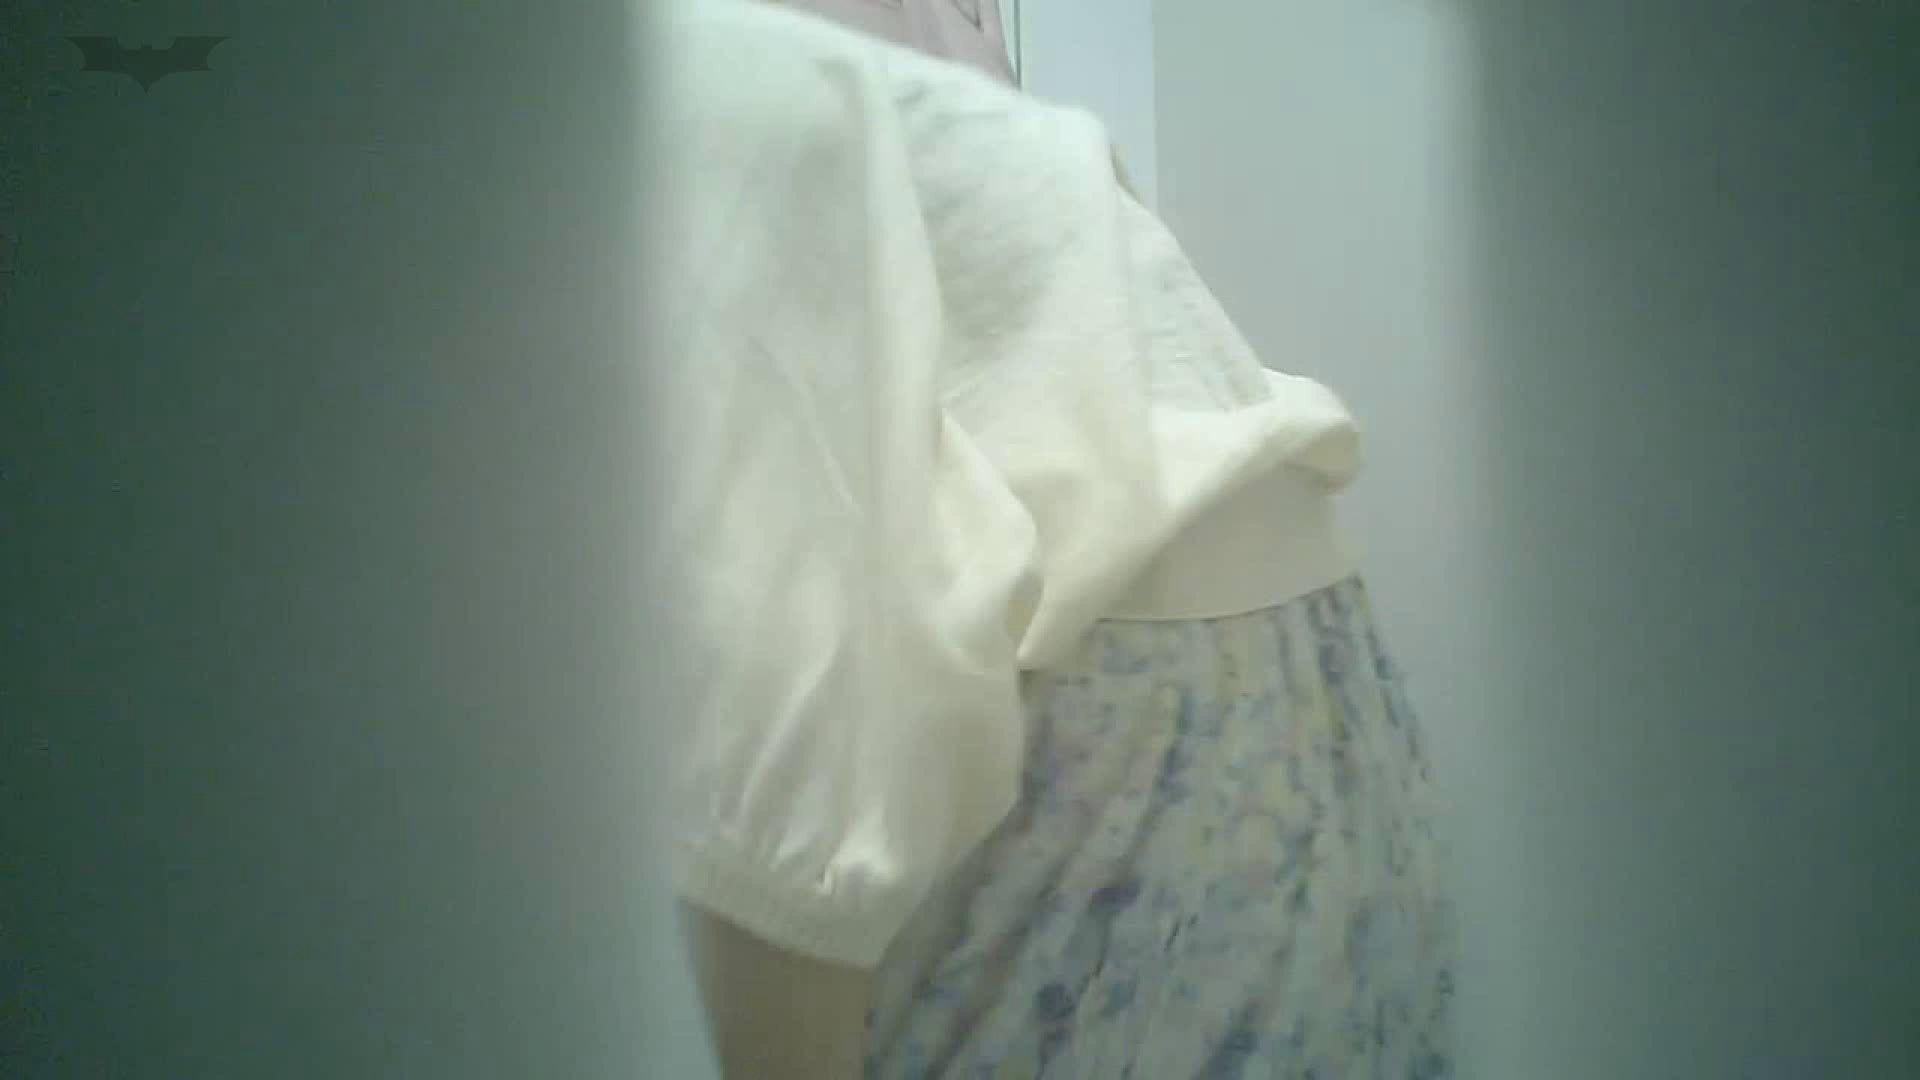 ヤリマンのオマンコ:有名大学女性洗面所 vol.40 ??おまじない的な動きをする子がいます。:怪盗ジョーカー